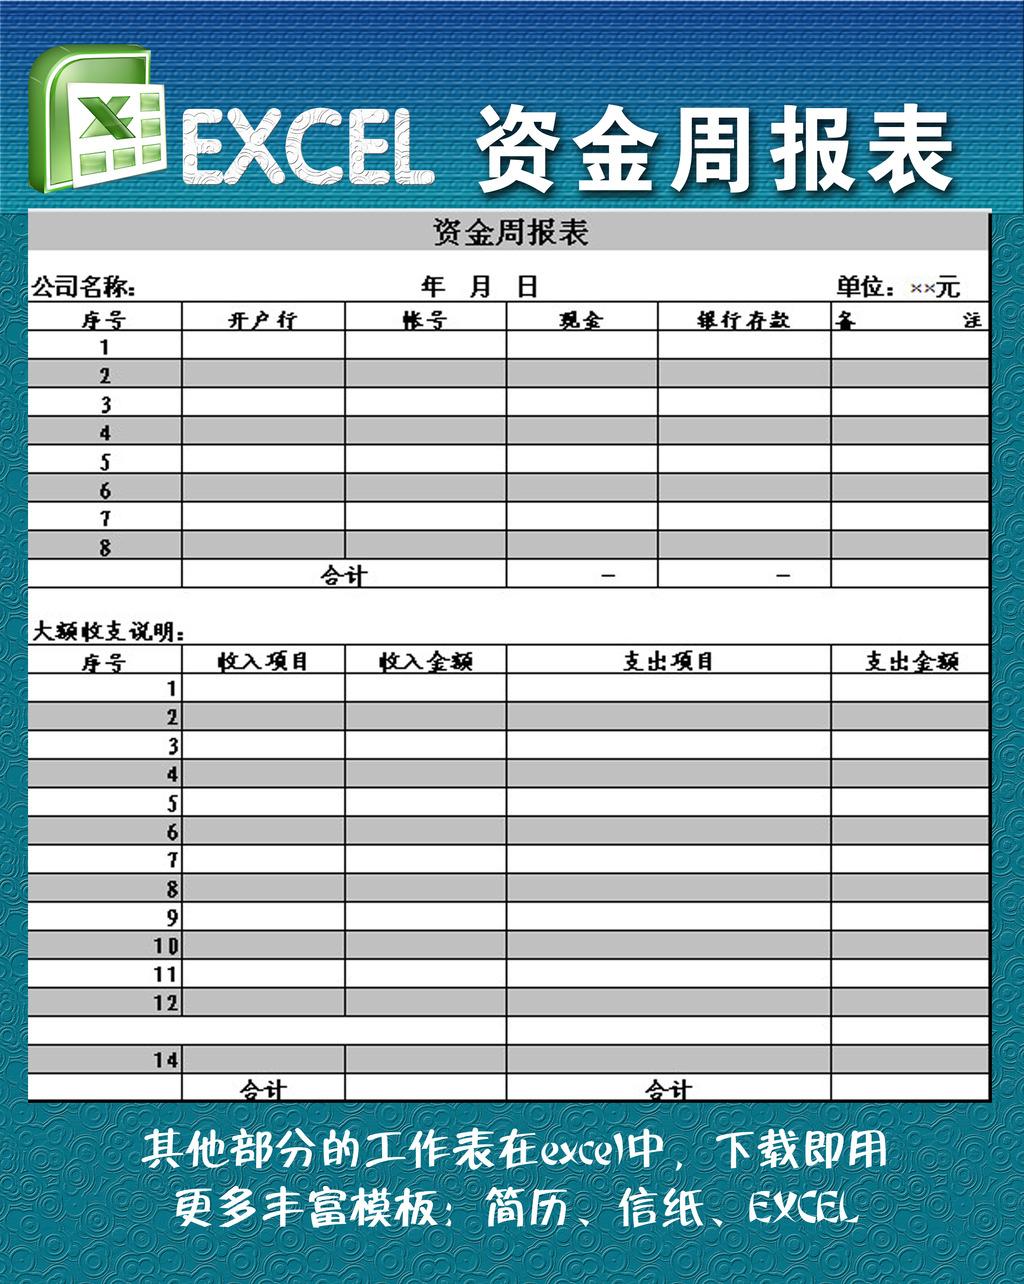 装饰公司的财务报表EXCEL格式 自动计算 全套科目汇总表,资产负